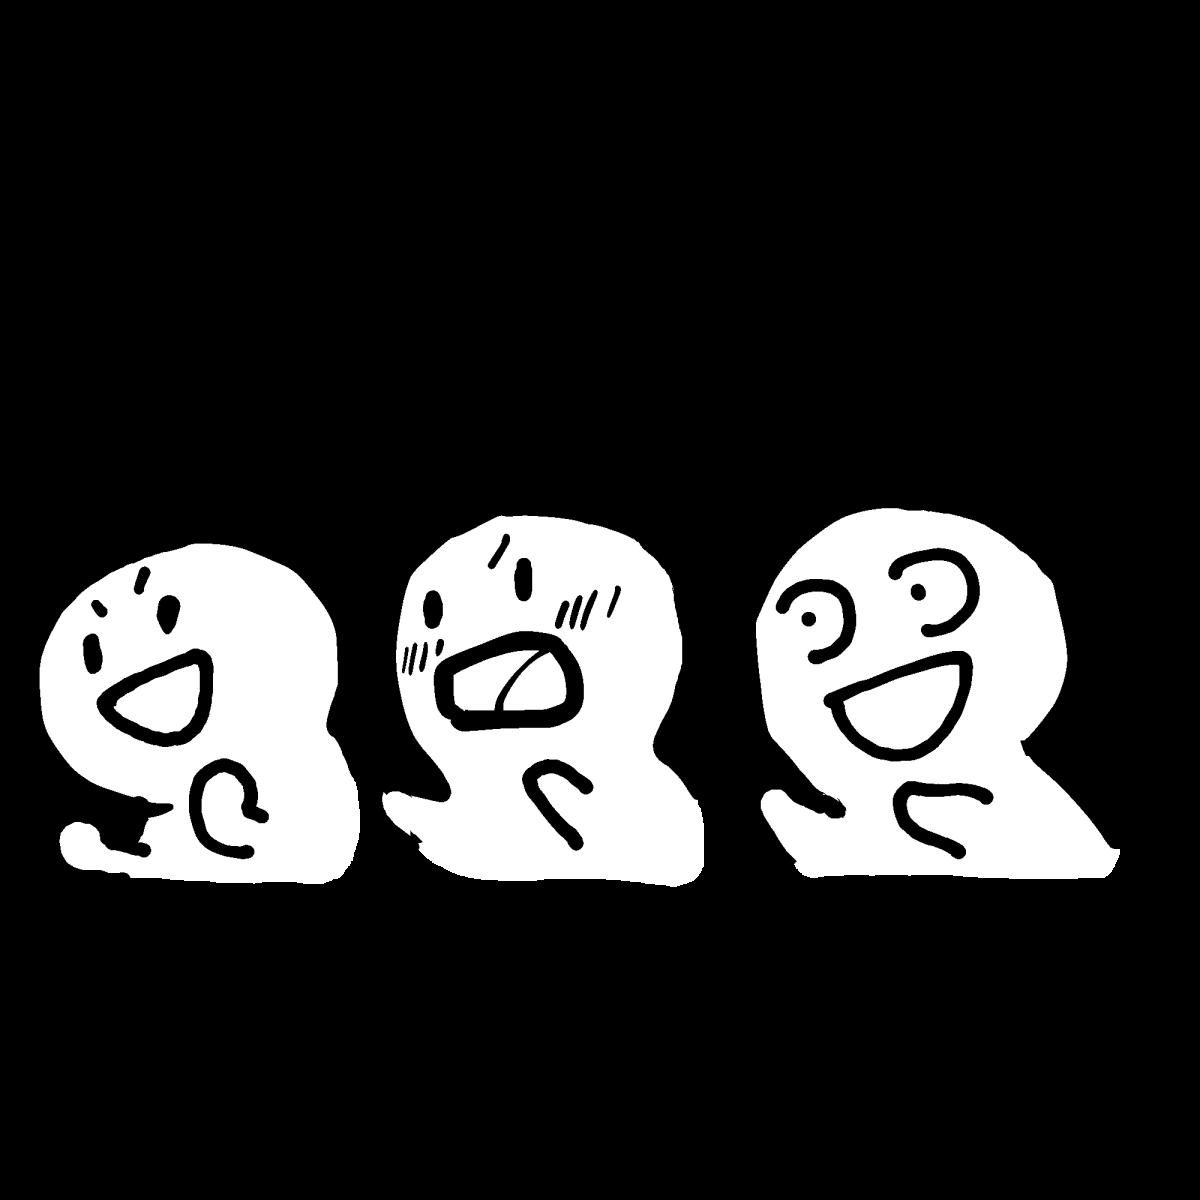 仲間と盛り上がるのイラスト Get excited with friends  Illustration